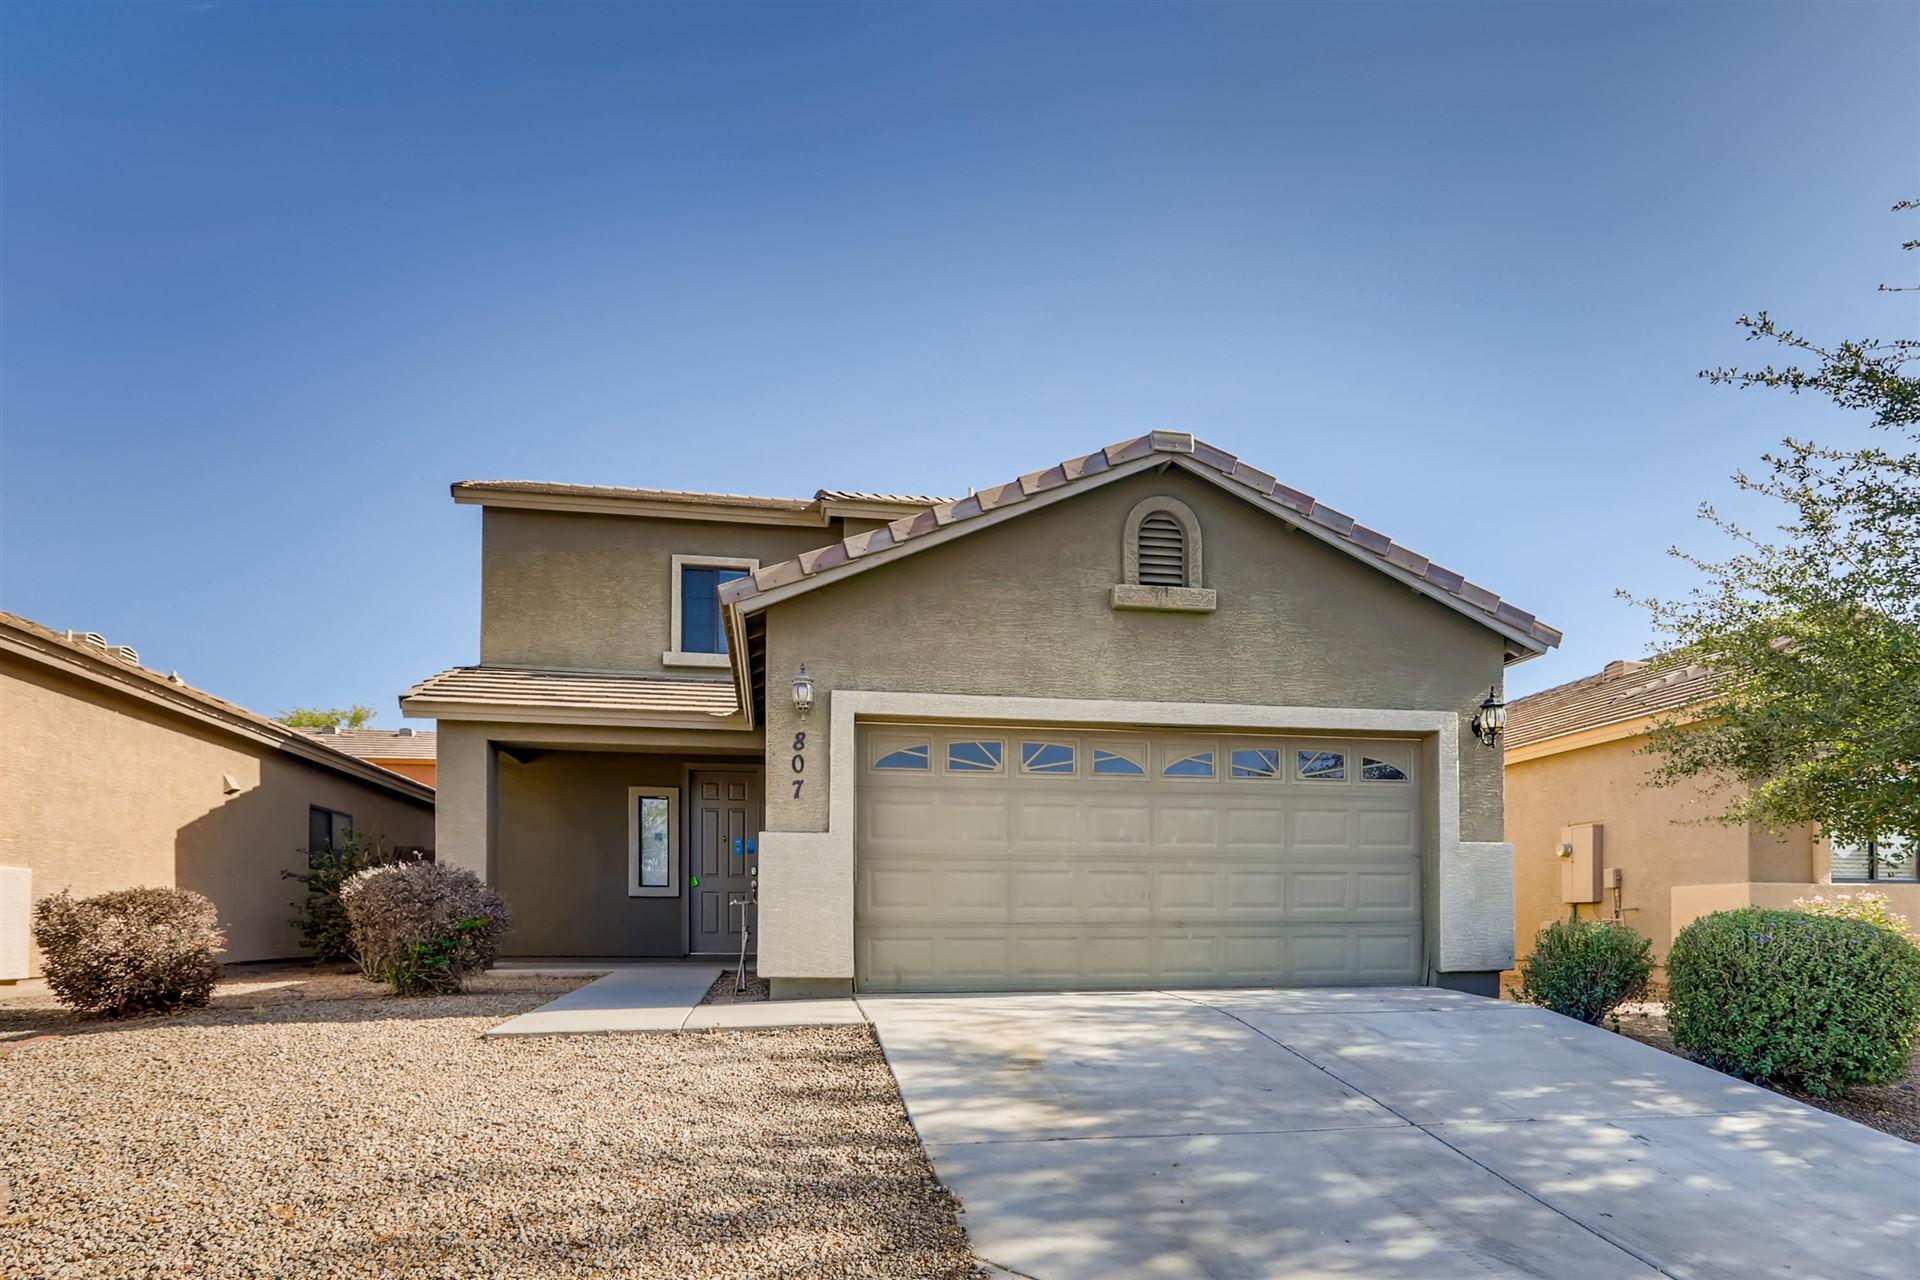 807 W SAINT ANNE Avenue, Phoenix, AZ 85041 - MLS#: 6236313